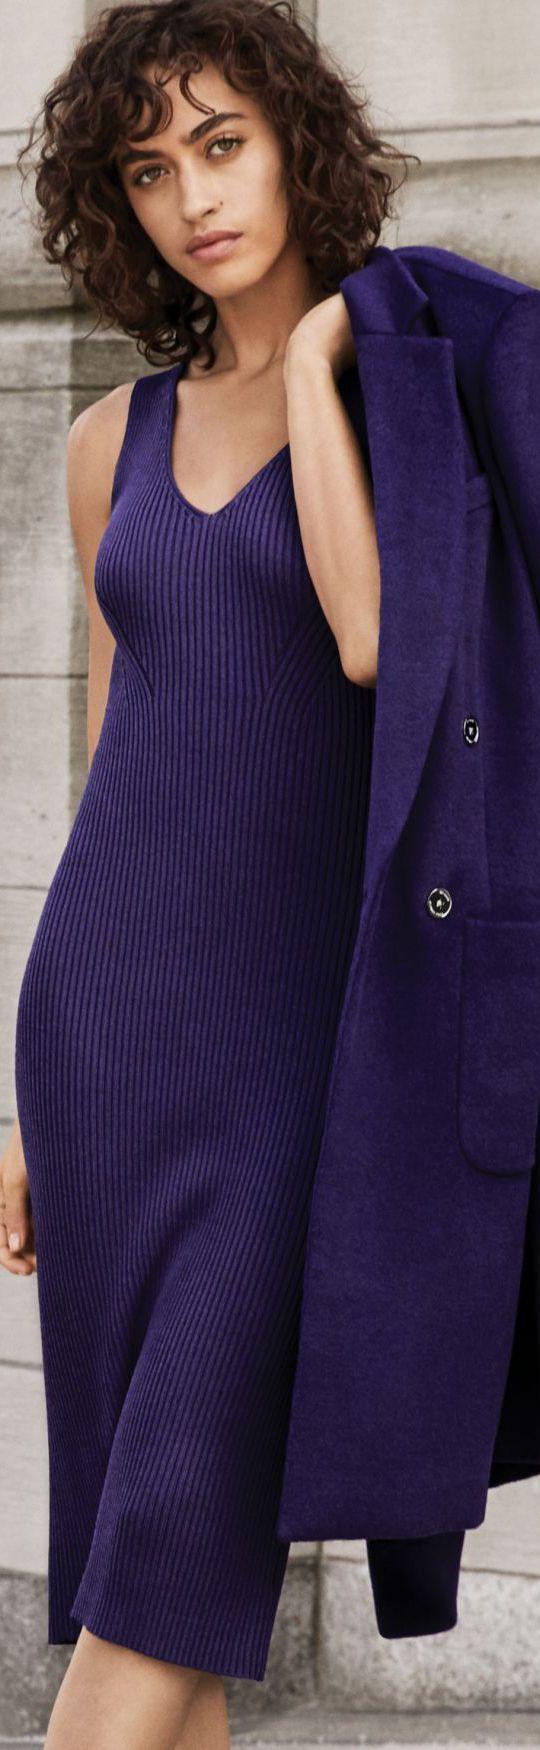 Michael Kors Wool Blend Dress & Coat